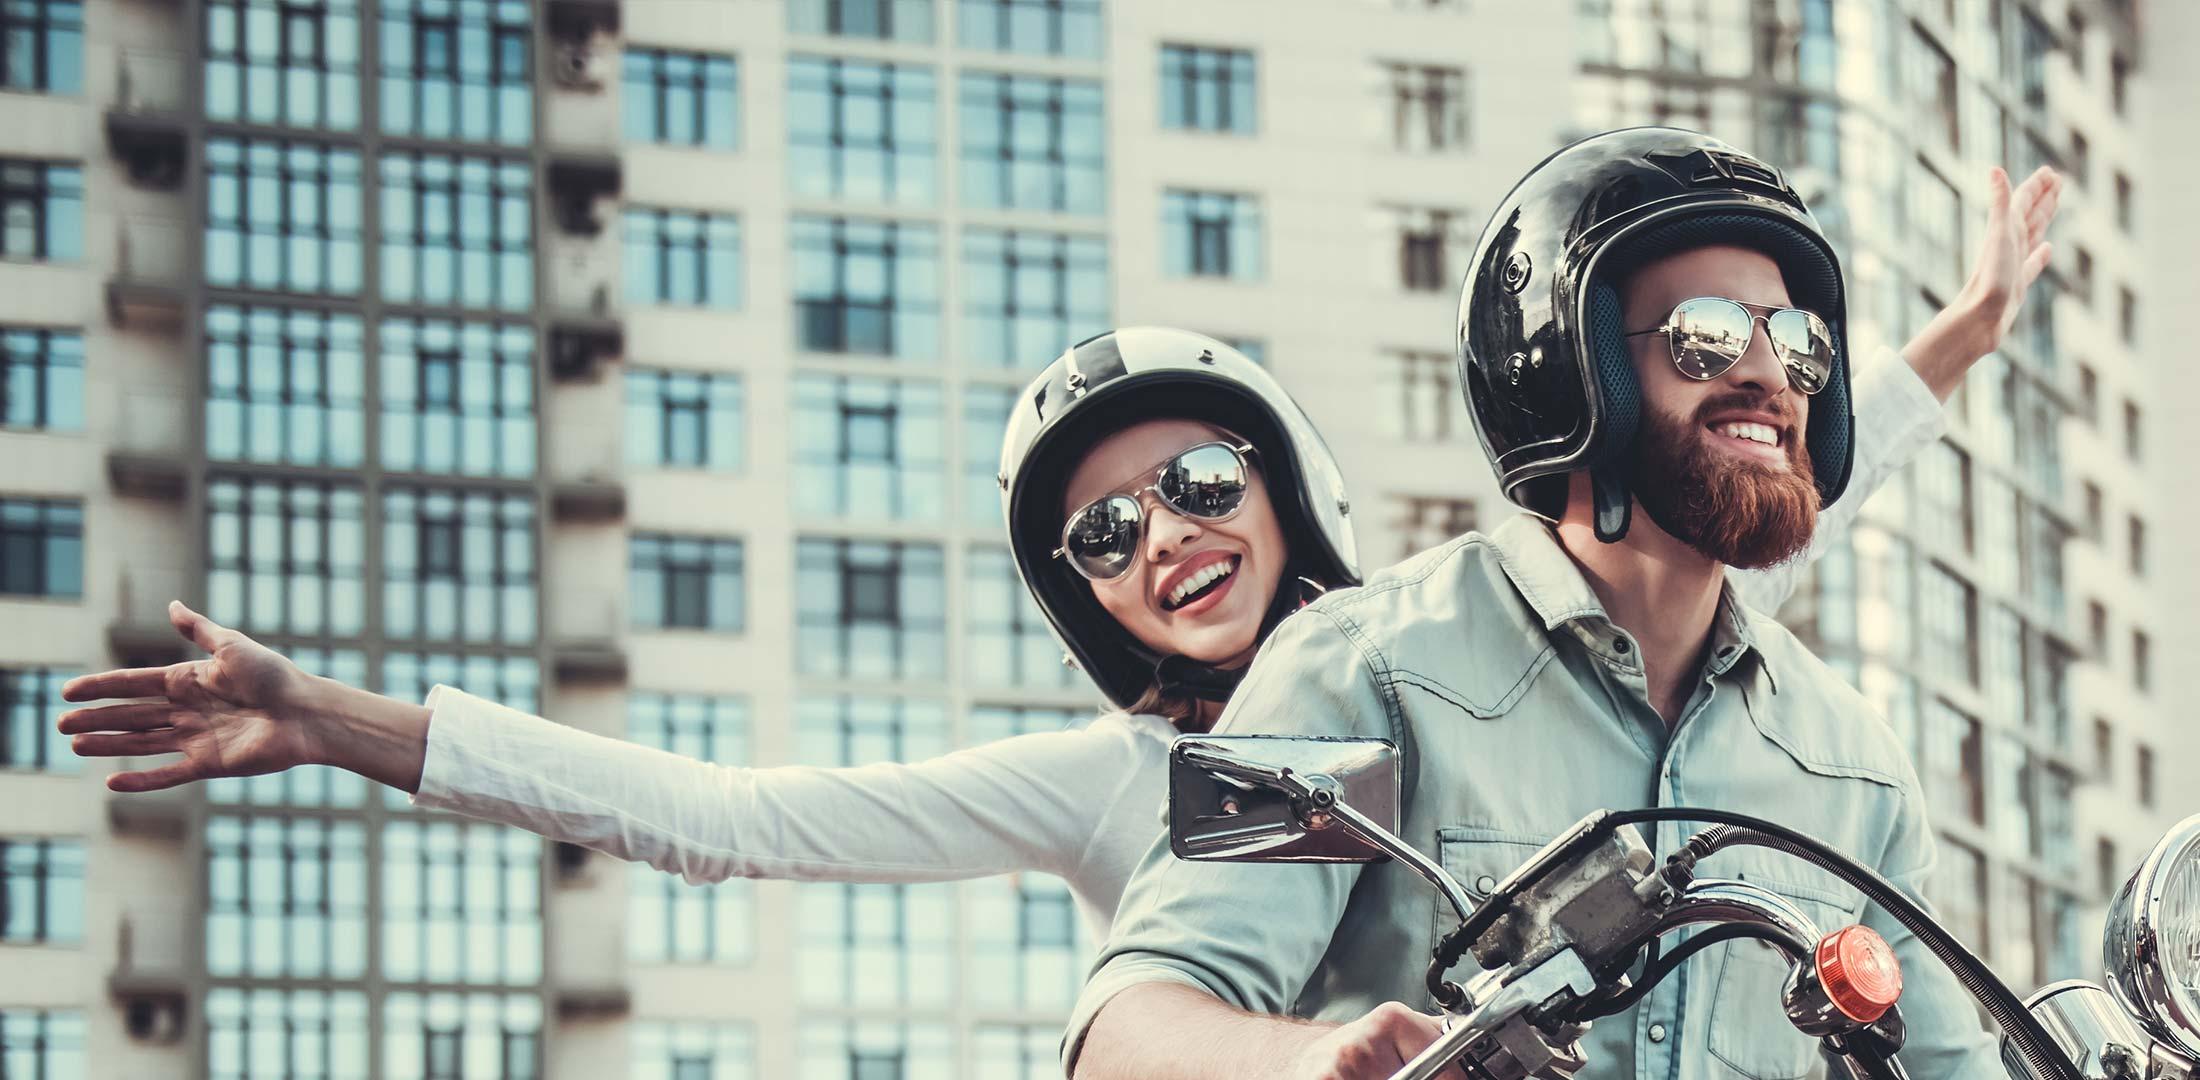 scooter electrique deux personnes